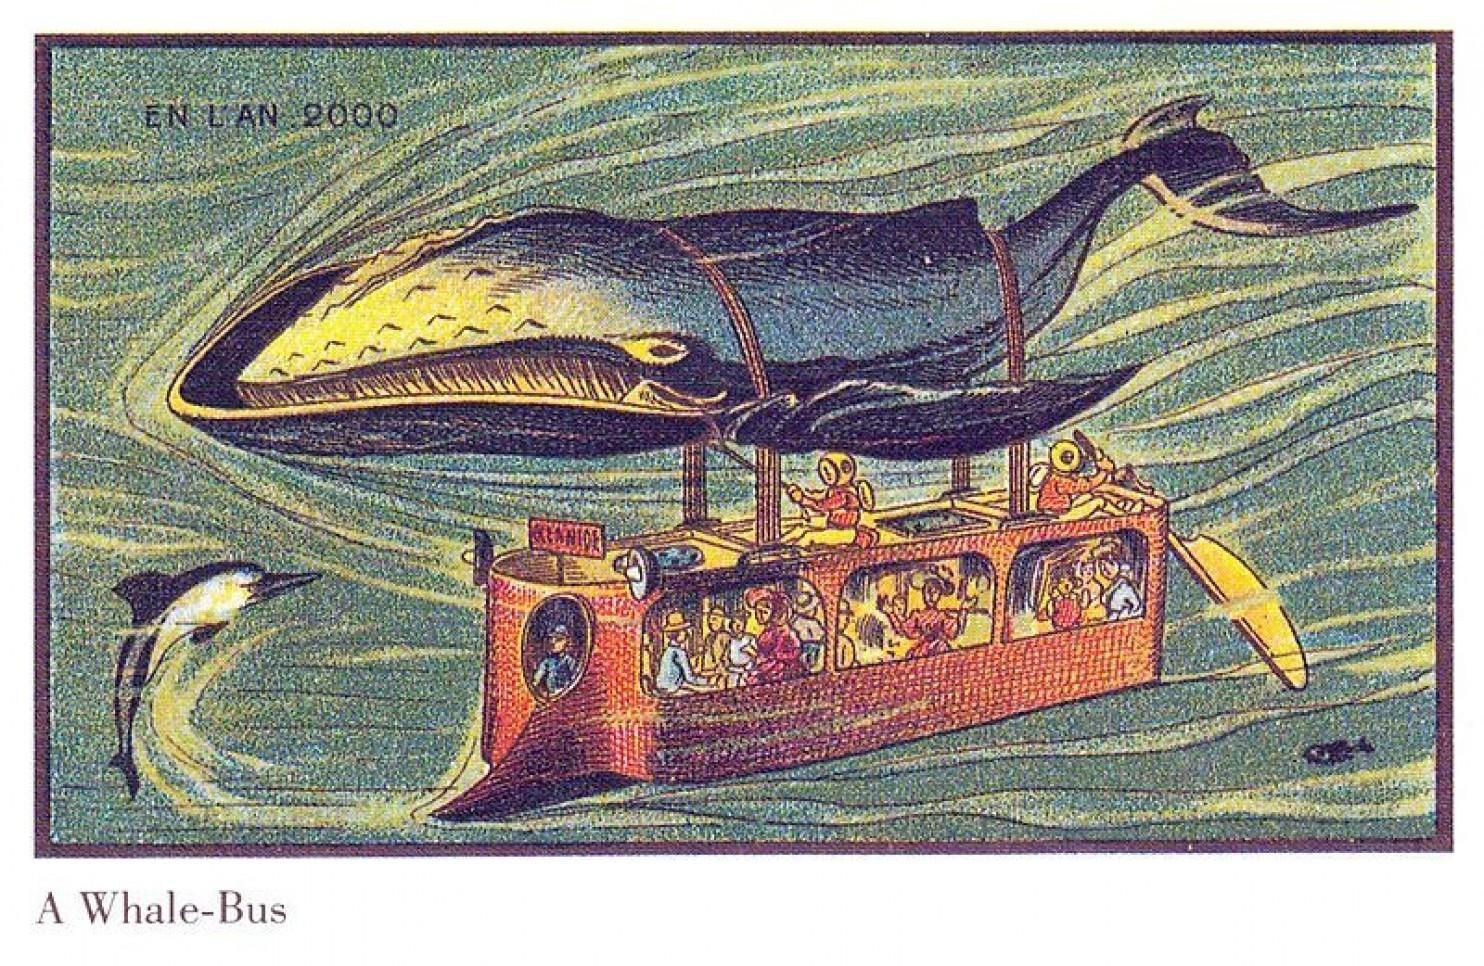 como imaginaban el futuro en 1900 ilustraciones 23